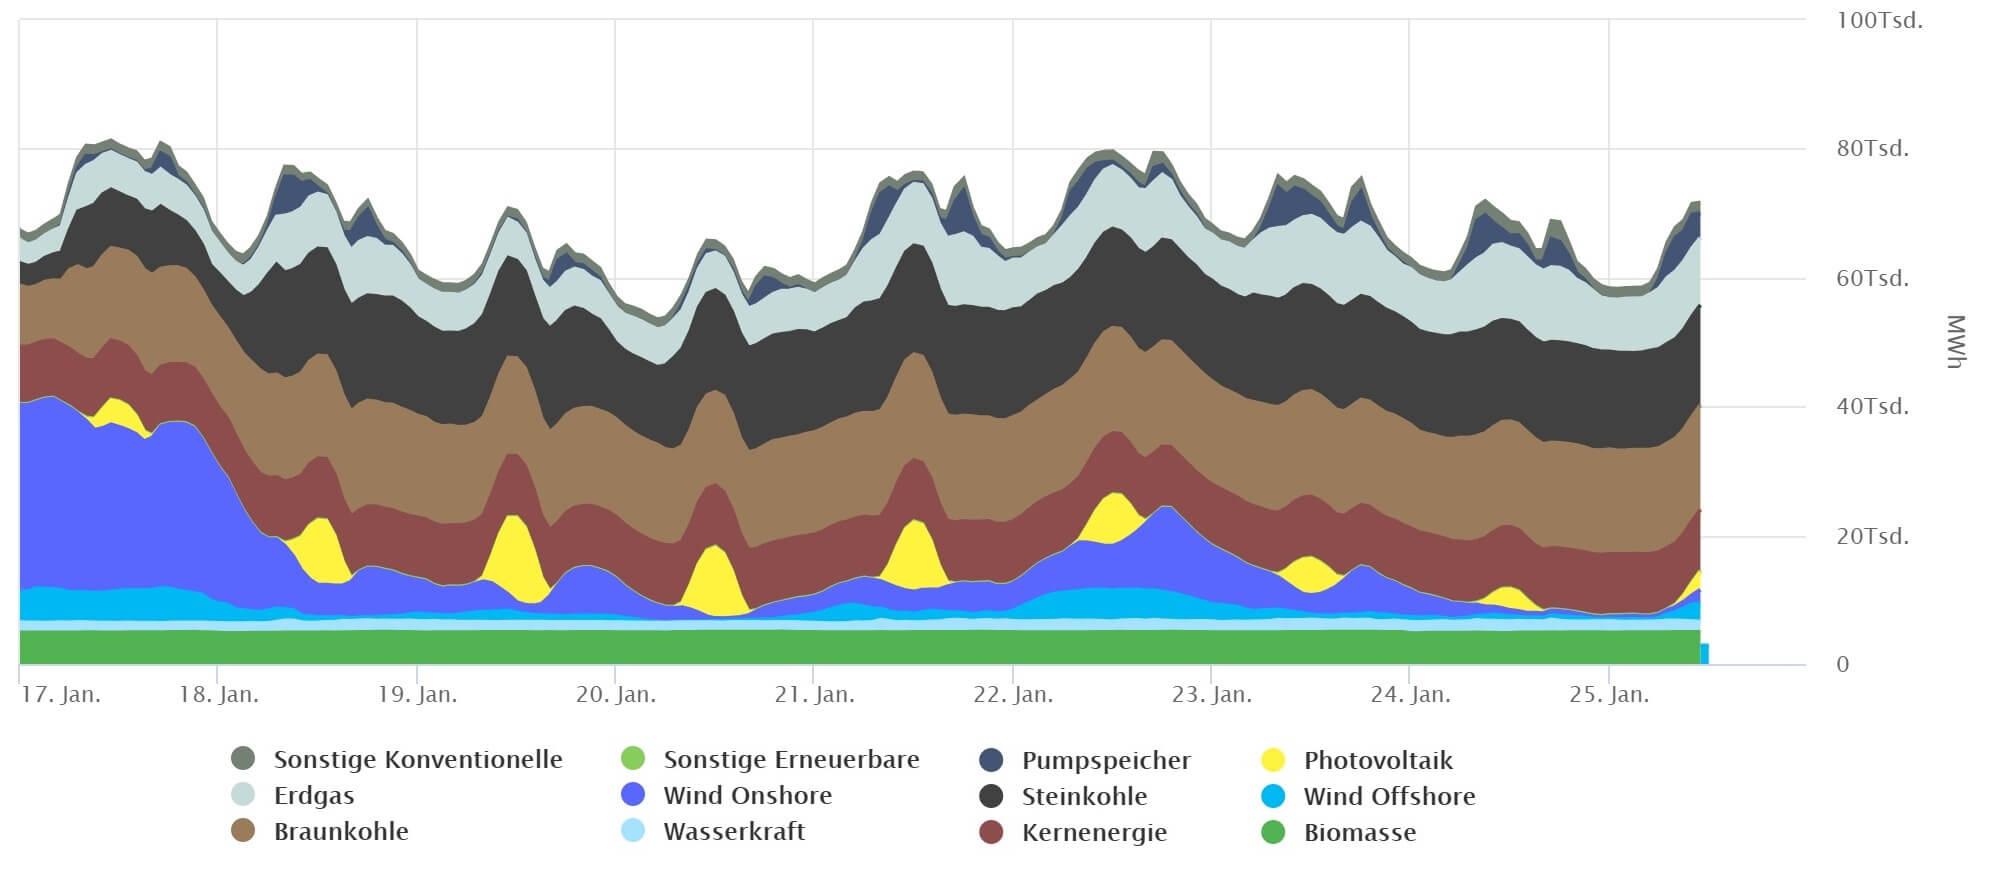 Diagramm der realisierten Nettostromerzeugung in Deutschland aufgeteilt auf die unterschiedlichen Energiequellen im Zeitraum 17. bis 25. Januar 2019